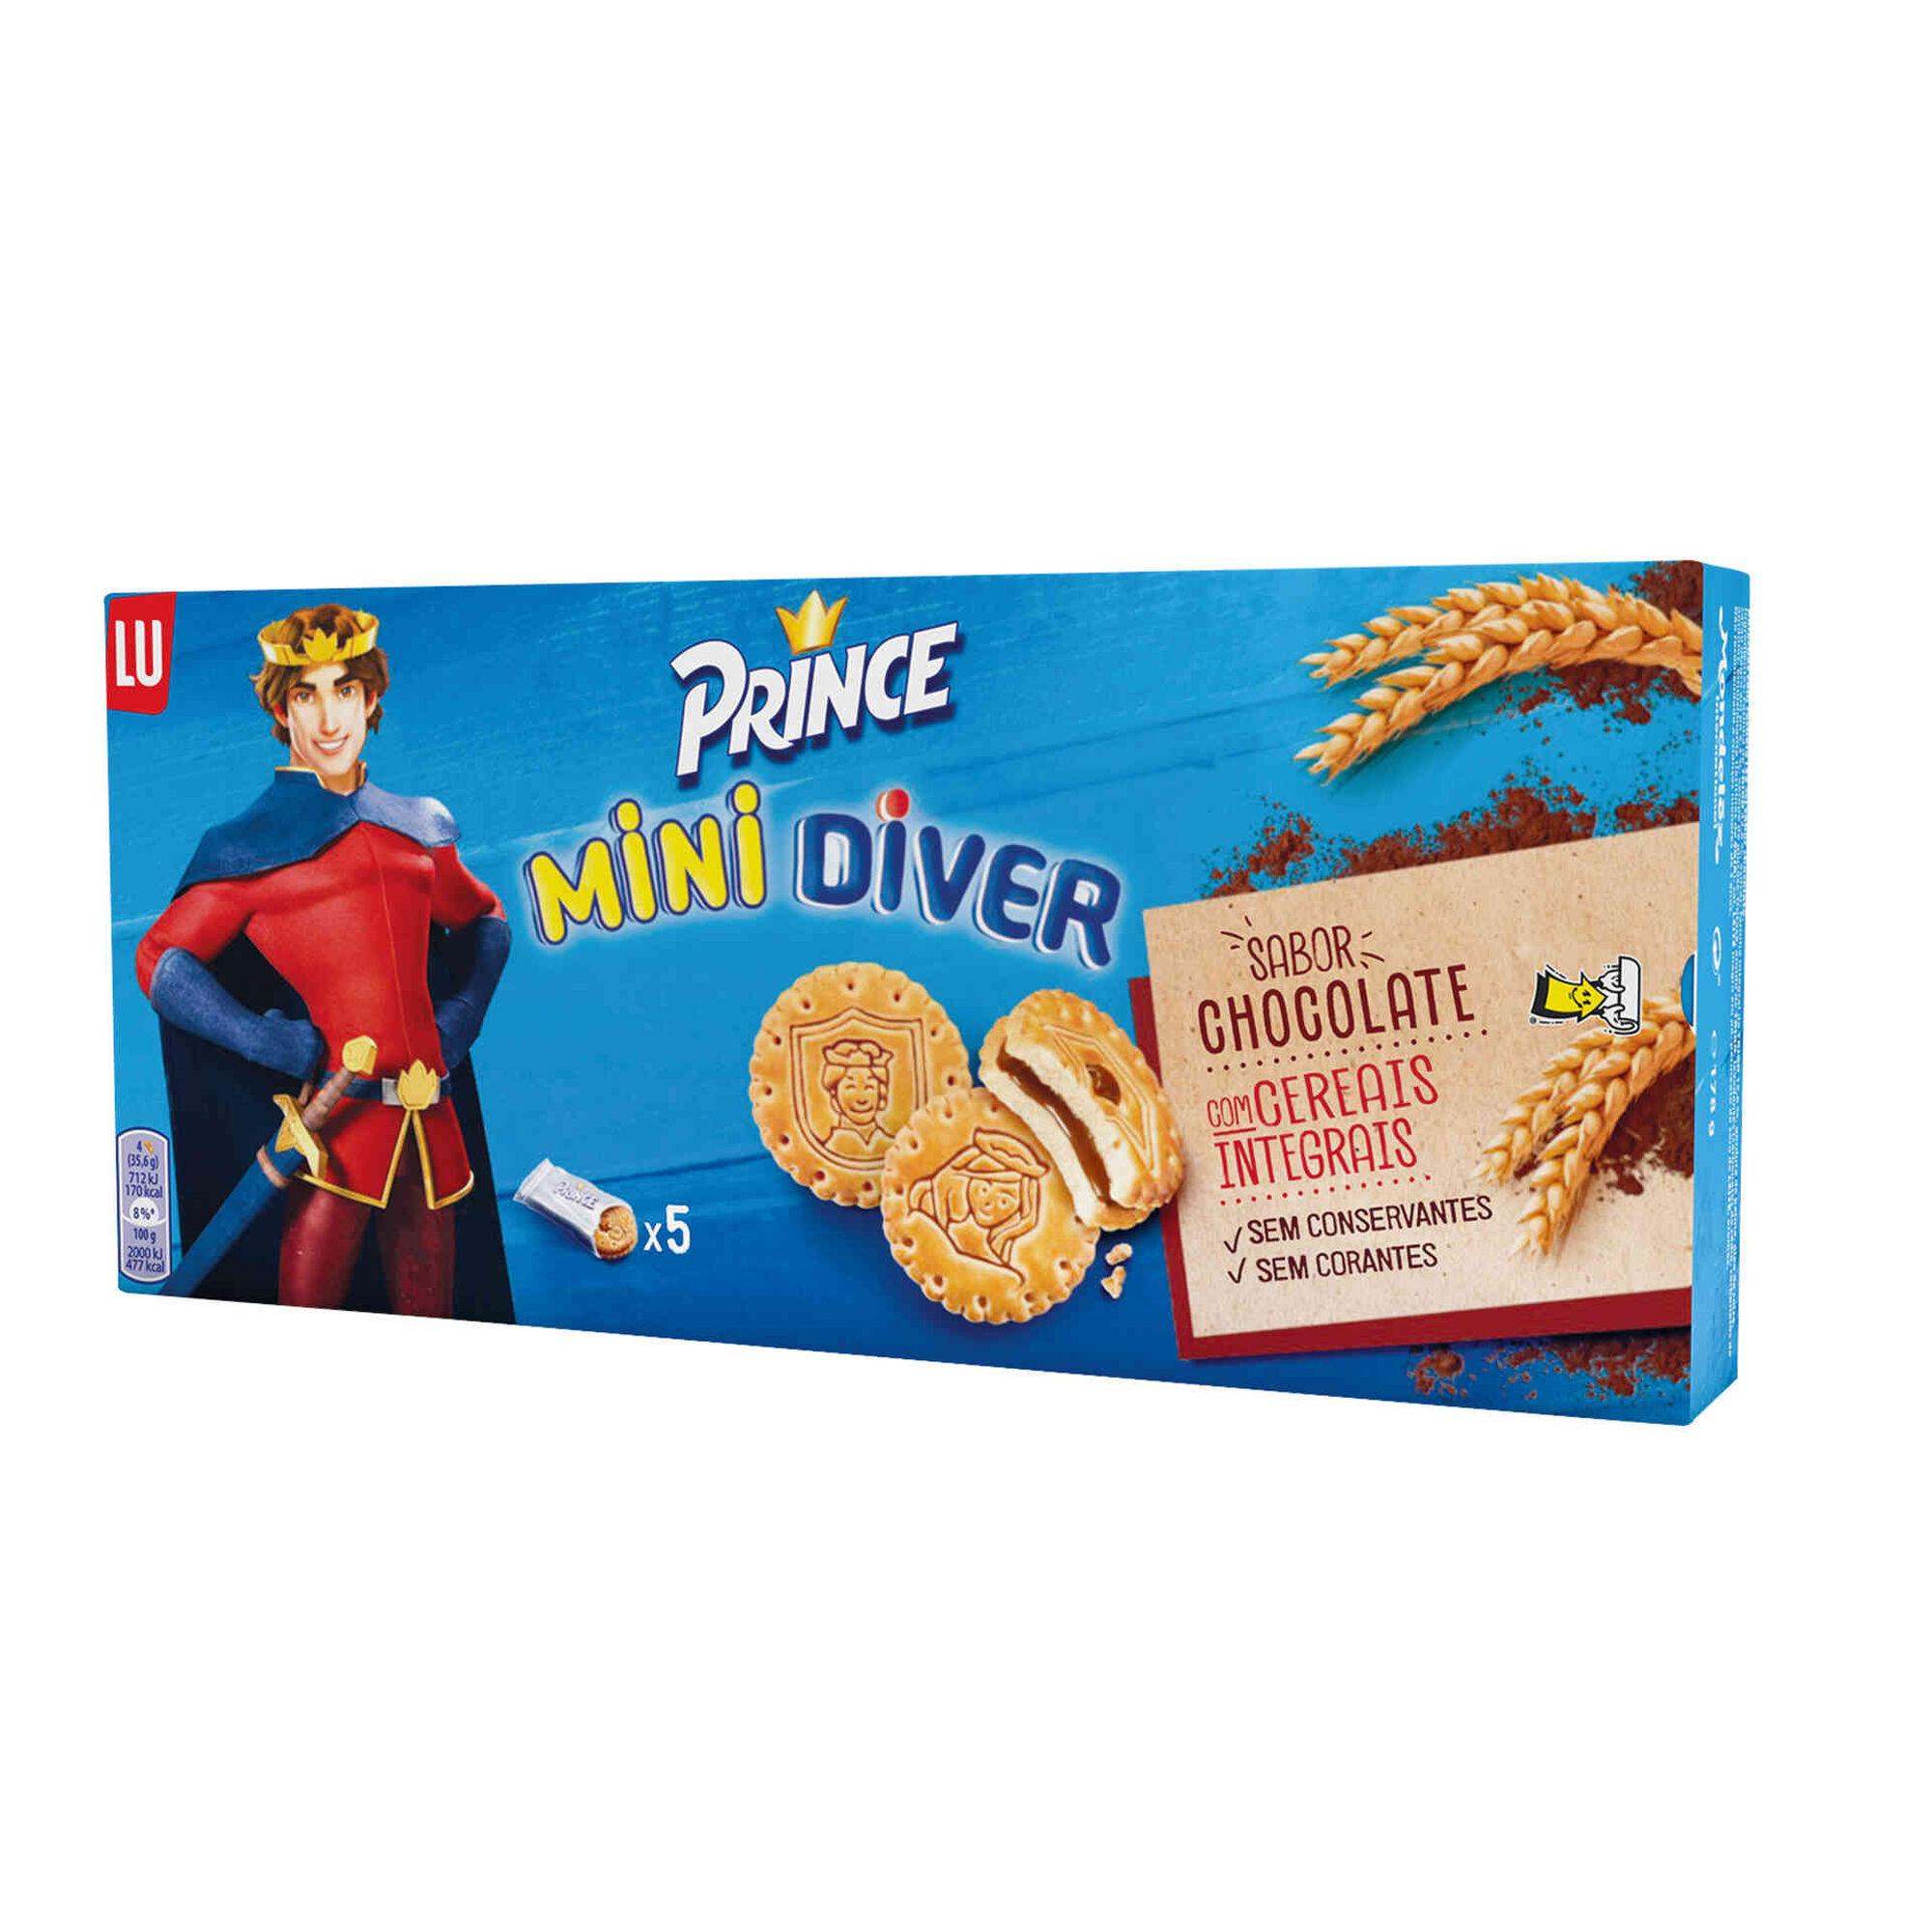 Bolachas Mini Diver com Recheio de Chocolate